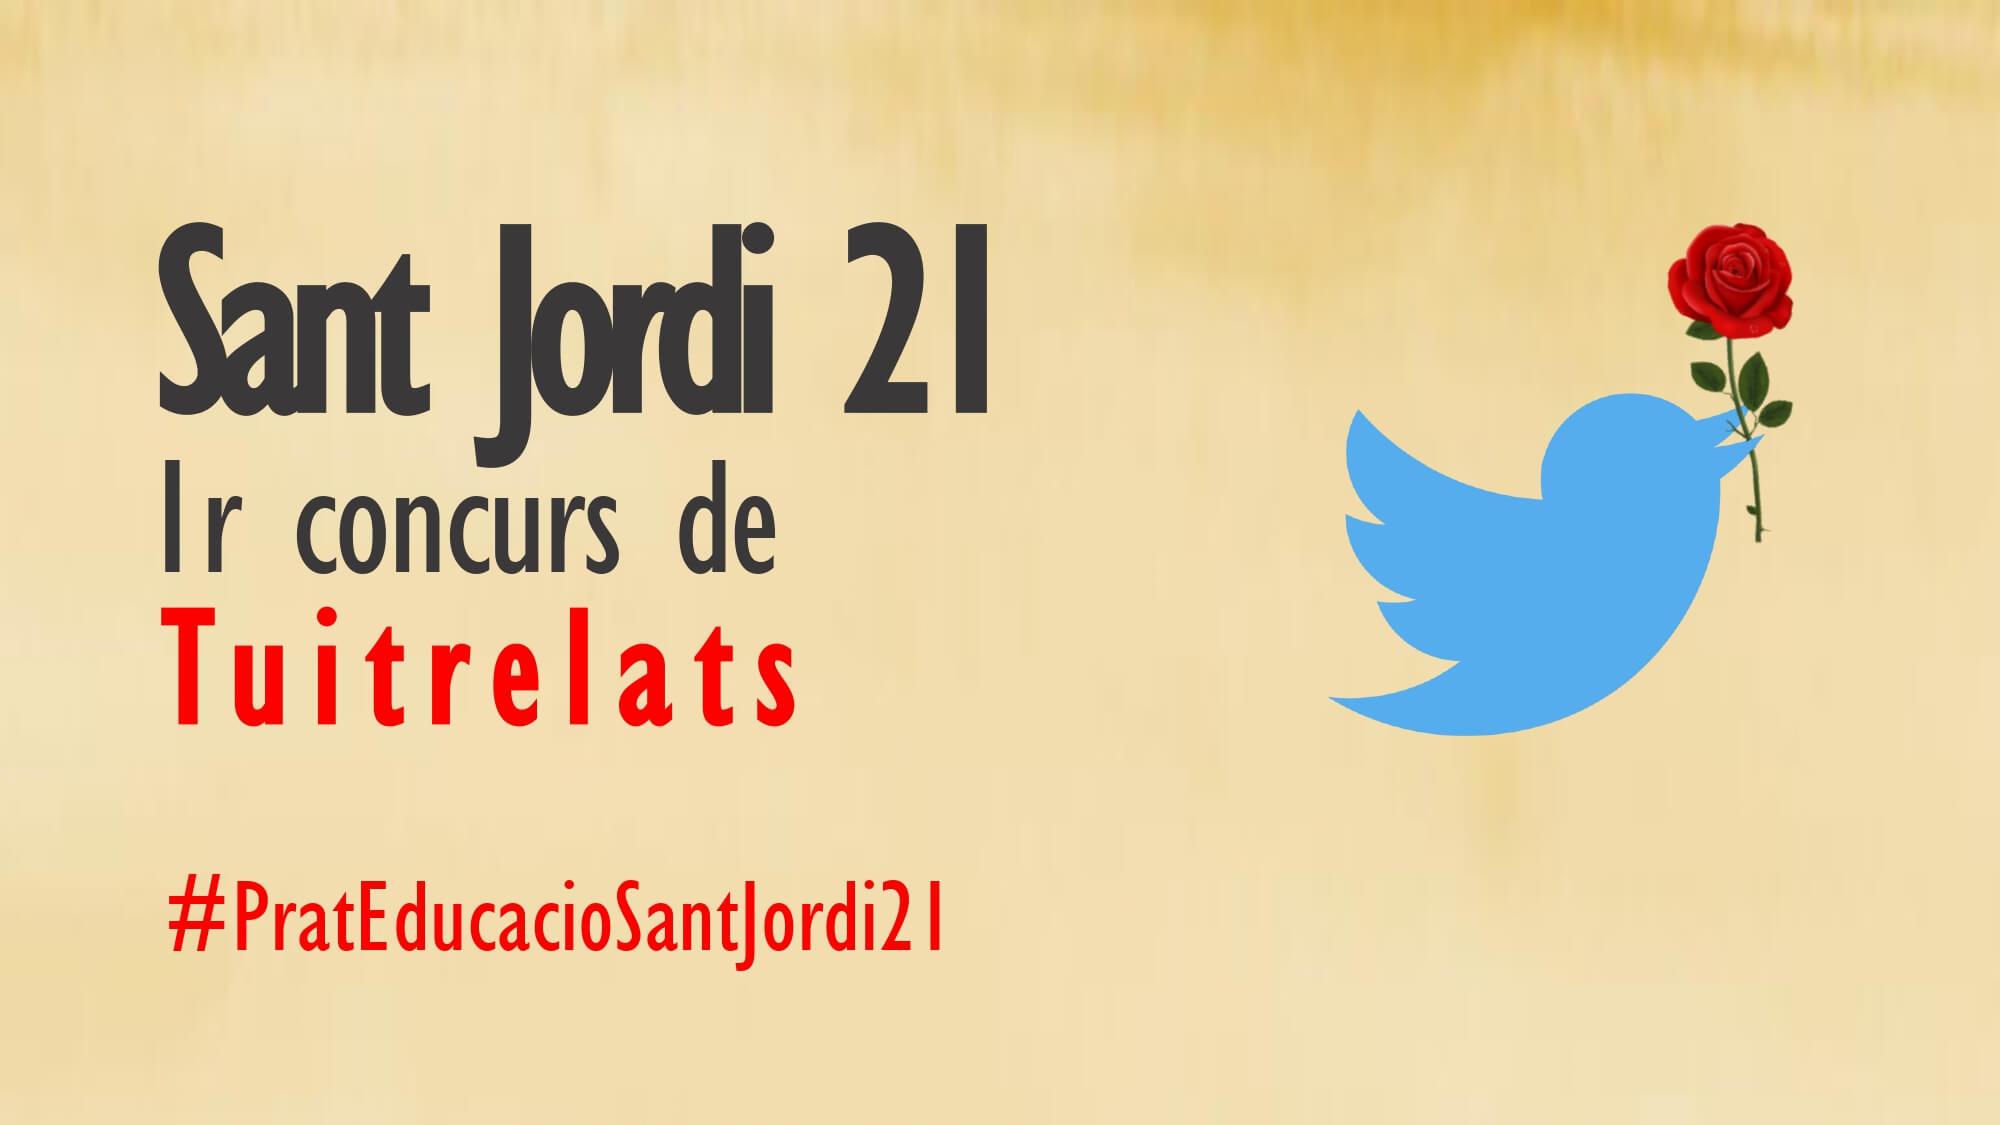 Sant Jordi 21 de Cicles Formatius a Prat Educació